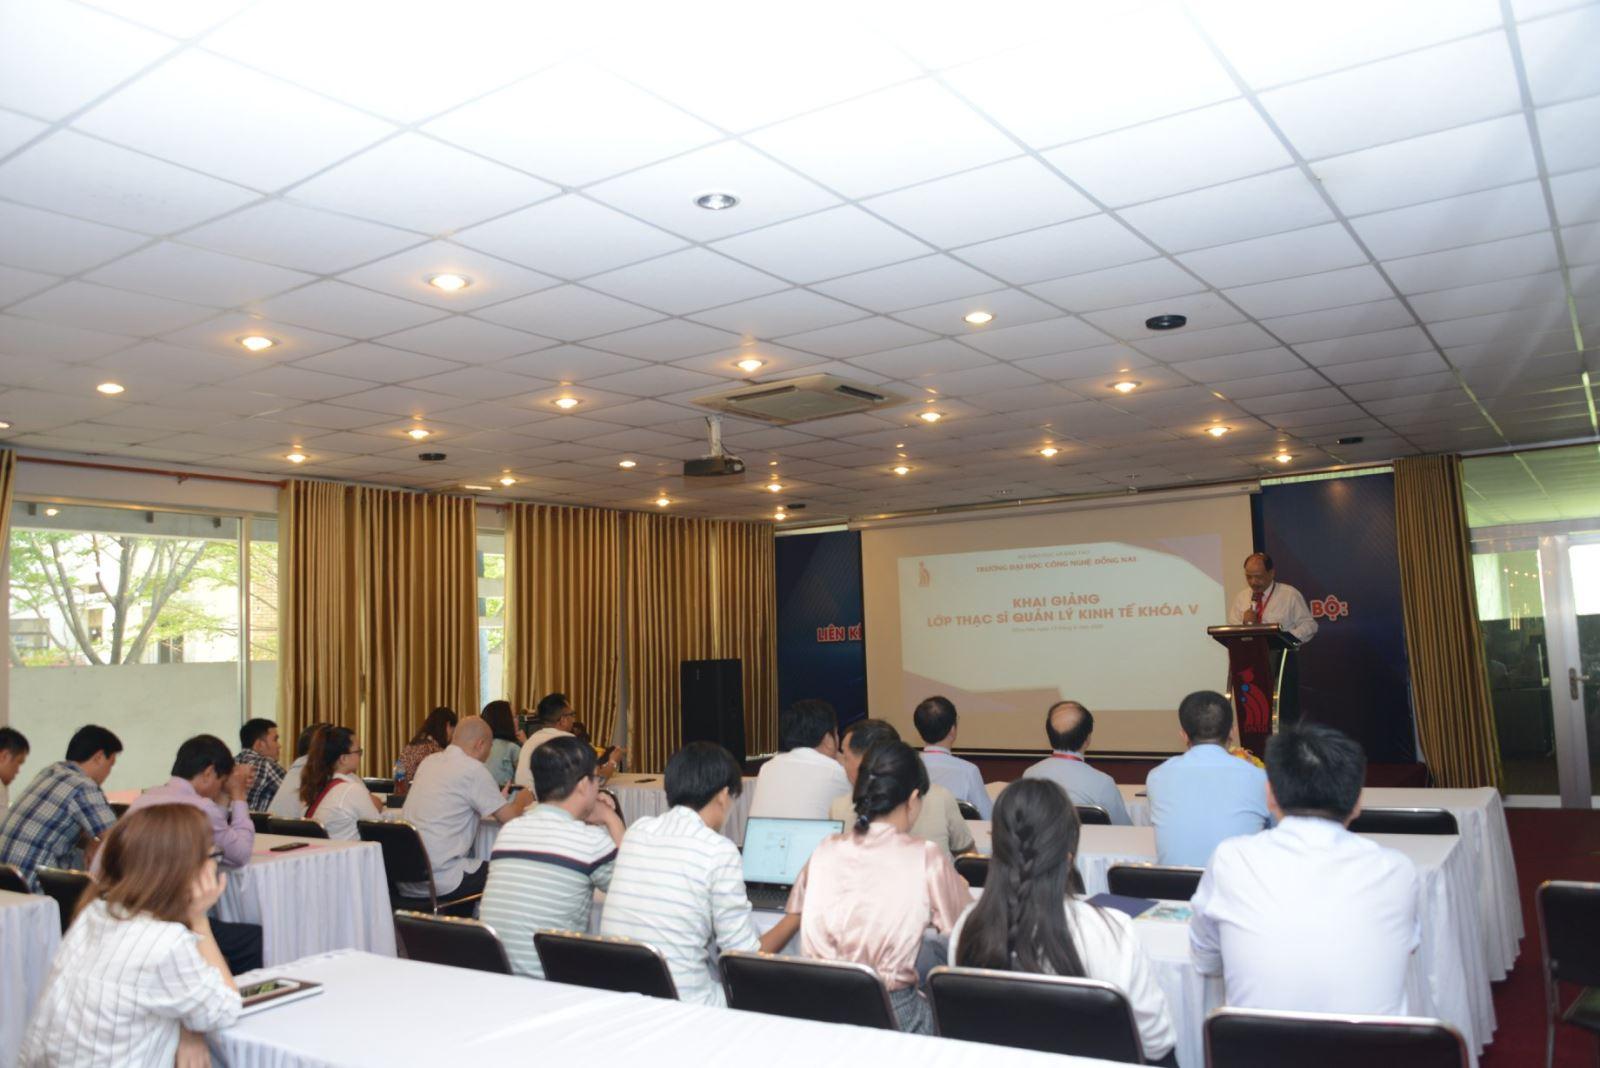 DNTU tổ chức Lễ khai giảng Khóa 05, trình độ đào tạo Thạc sĩ chuyên ngành Quản lý kinh tế